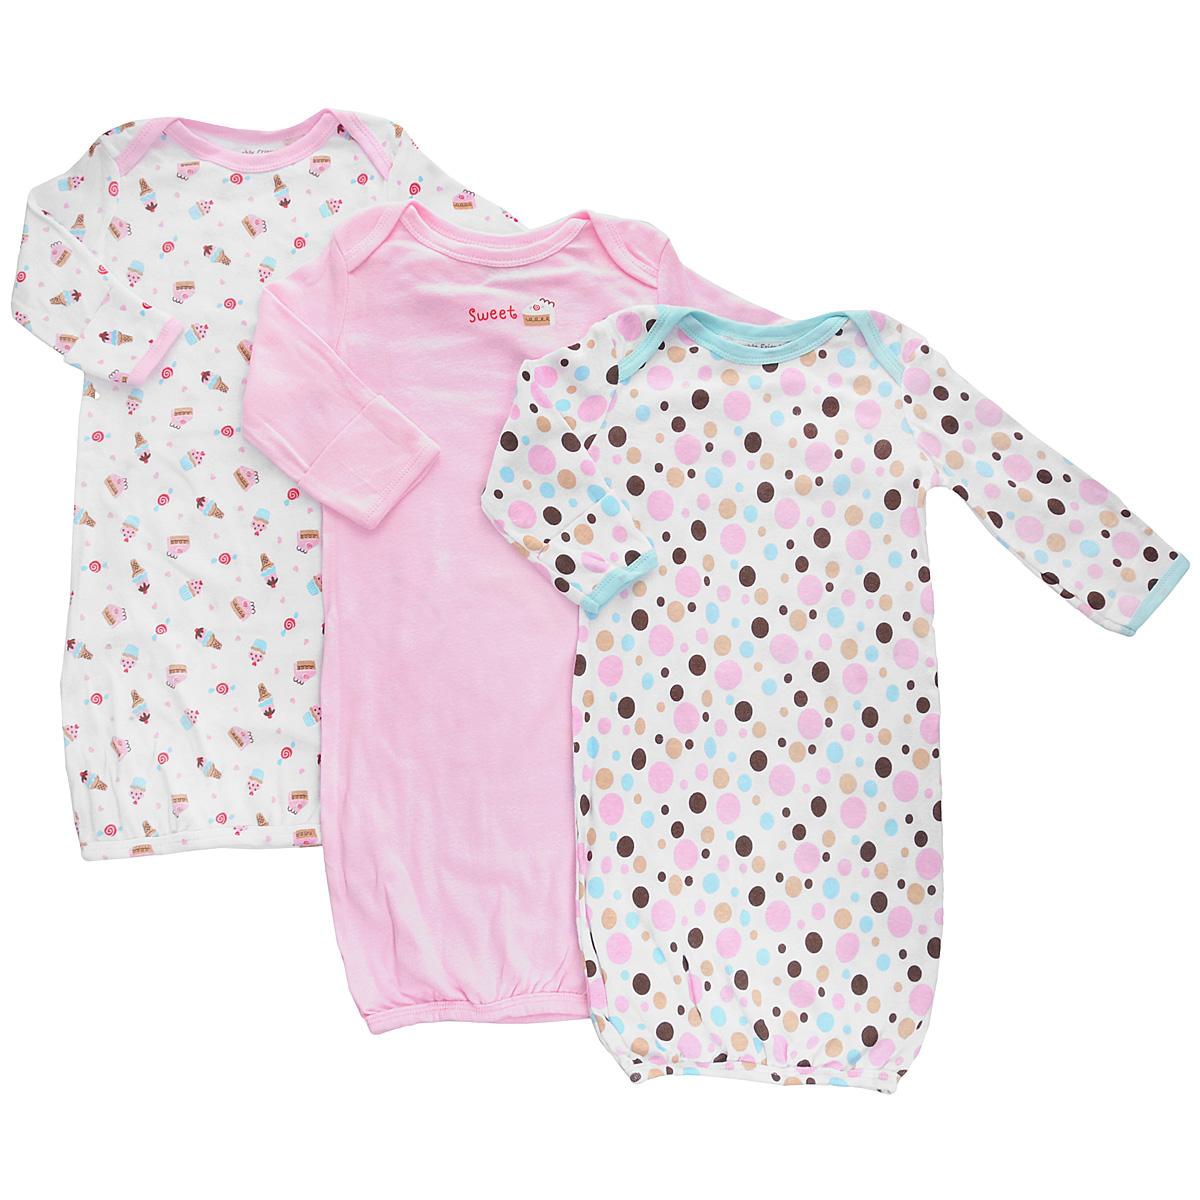 33000Детская сорочка Luvable Friends - очень удобный и практичный вид одежды для малышей. Сорочка выполнена из натурального хлопка, благодаря чему она необычайно мягкая и приятная на ощупь, не раздражают нежную кожу ребенка и хорошо вентилируются, а эластичные швы приятны телу малыша и не препятствуют его движениям. Сорочка с длинными рукавами имеет специальные запахи на плечах, которые помогают легко переодеть младенца. Рукава понизу дополнены рукавичками-антицарапками, которые при желании можно отвернуть. Детская сорочка незаменима ночью, полностью соответствует особенностям жизни младенца в ранний период, не стесняя и не ограничивая его в движениях! В комплект входят сорочки трех расцветок.